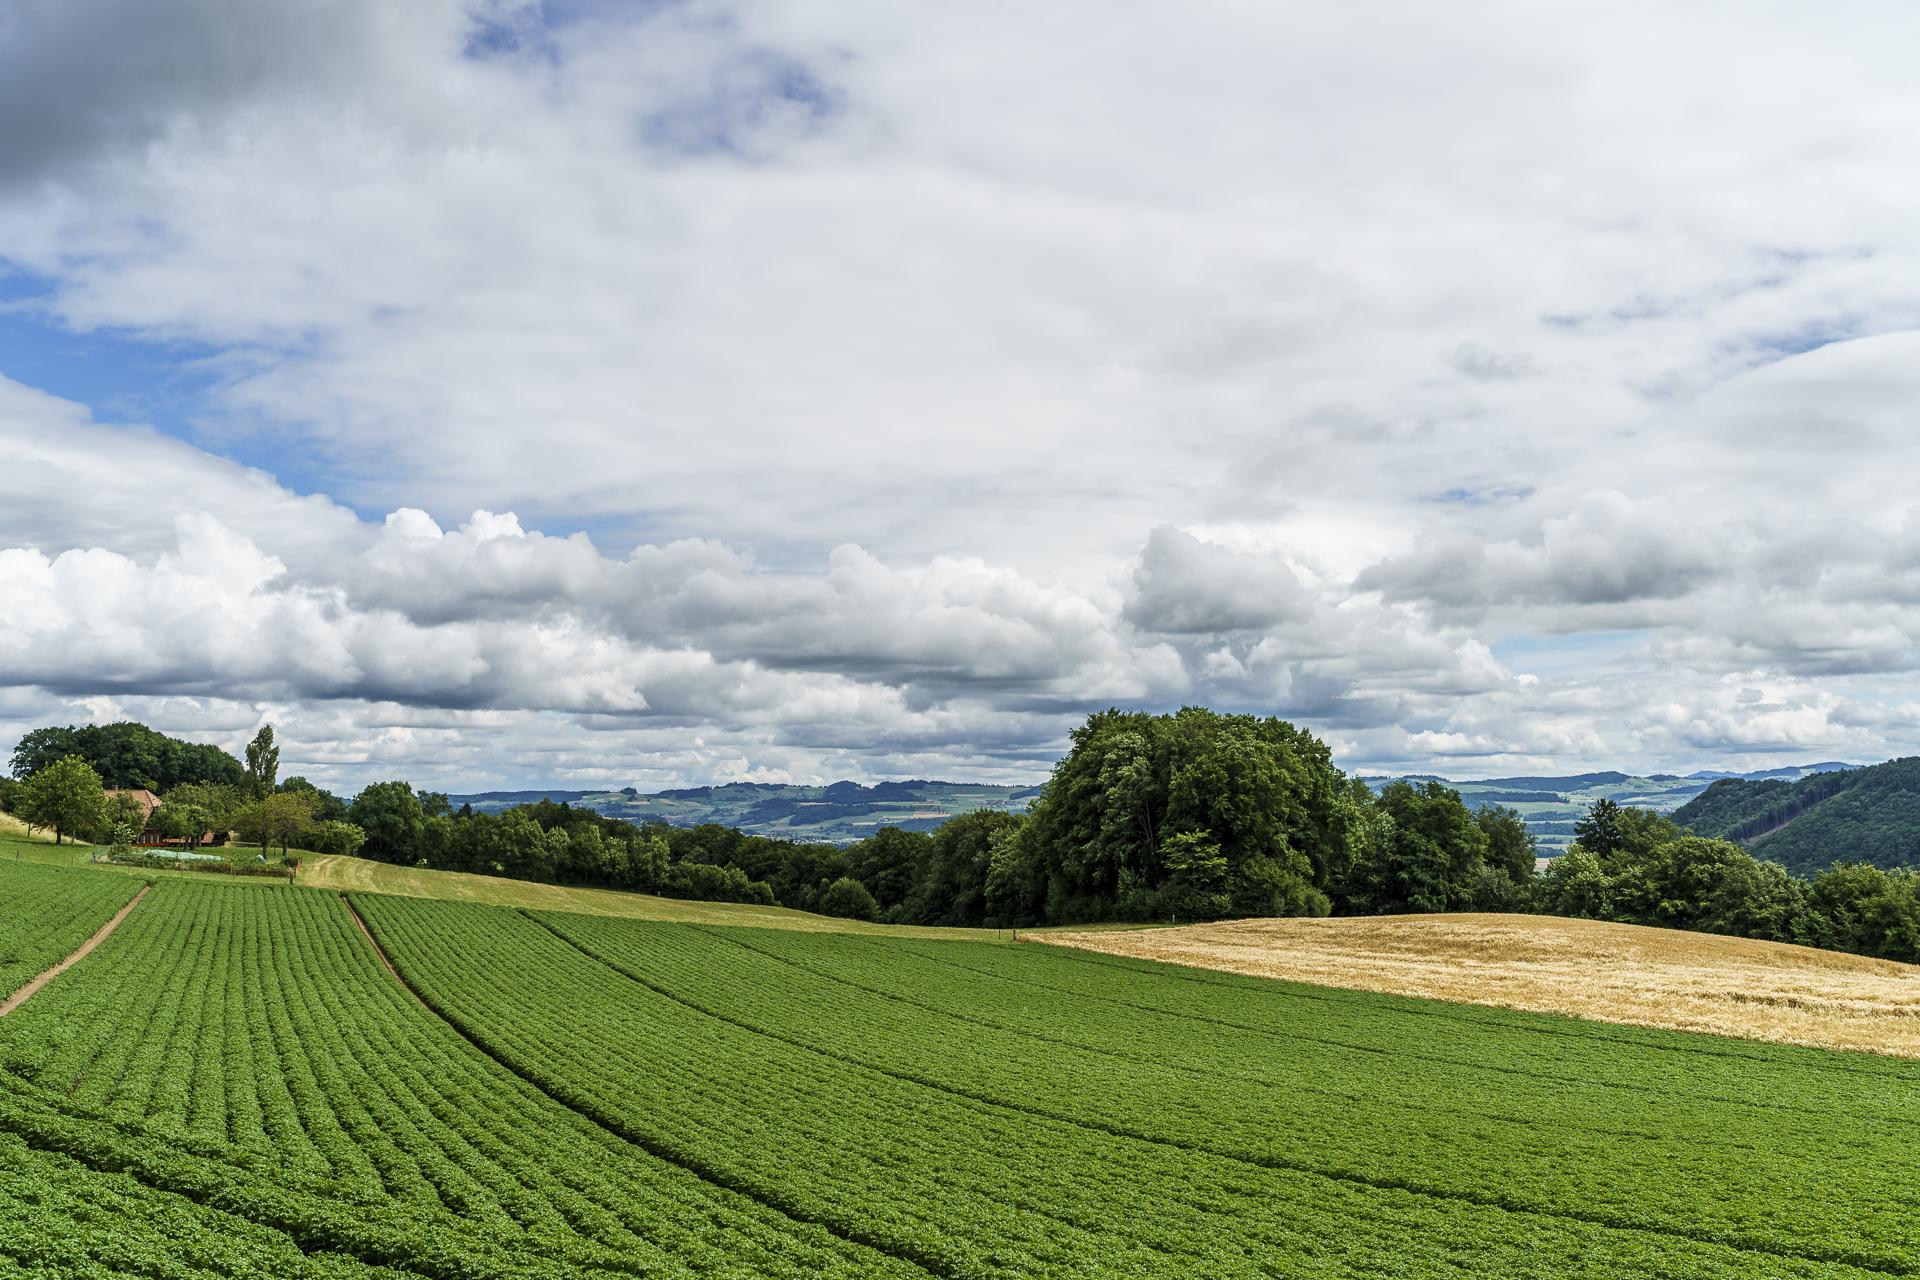 Gürbetal Landschaft